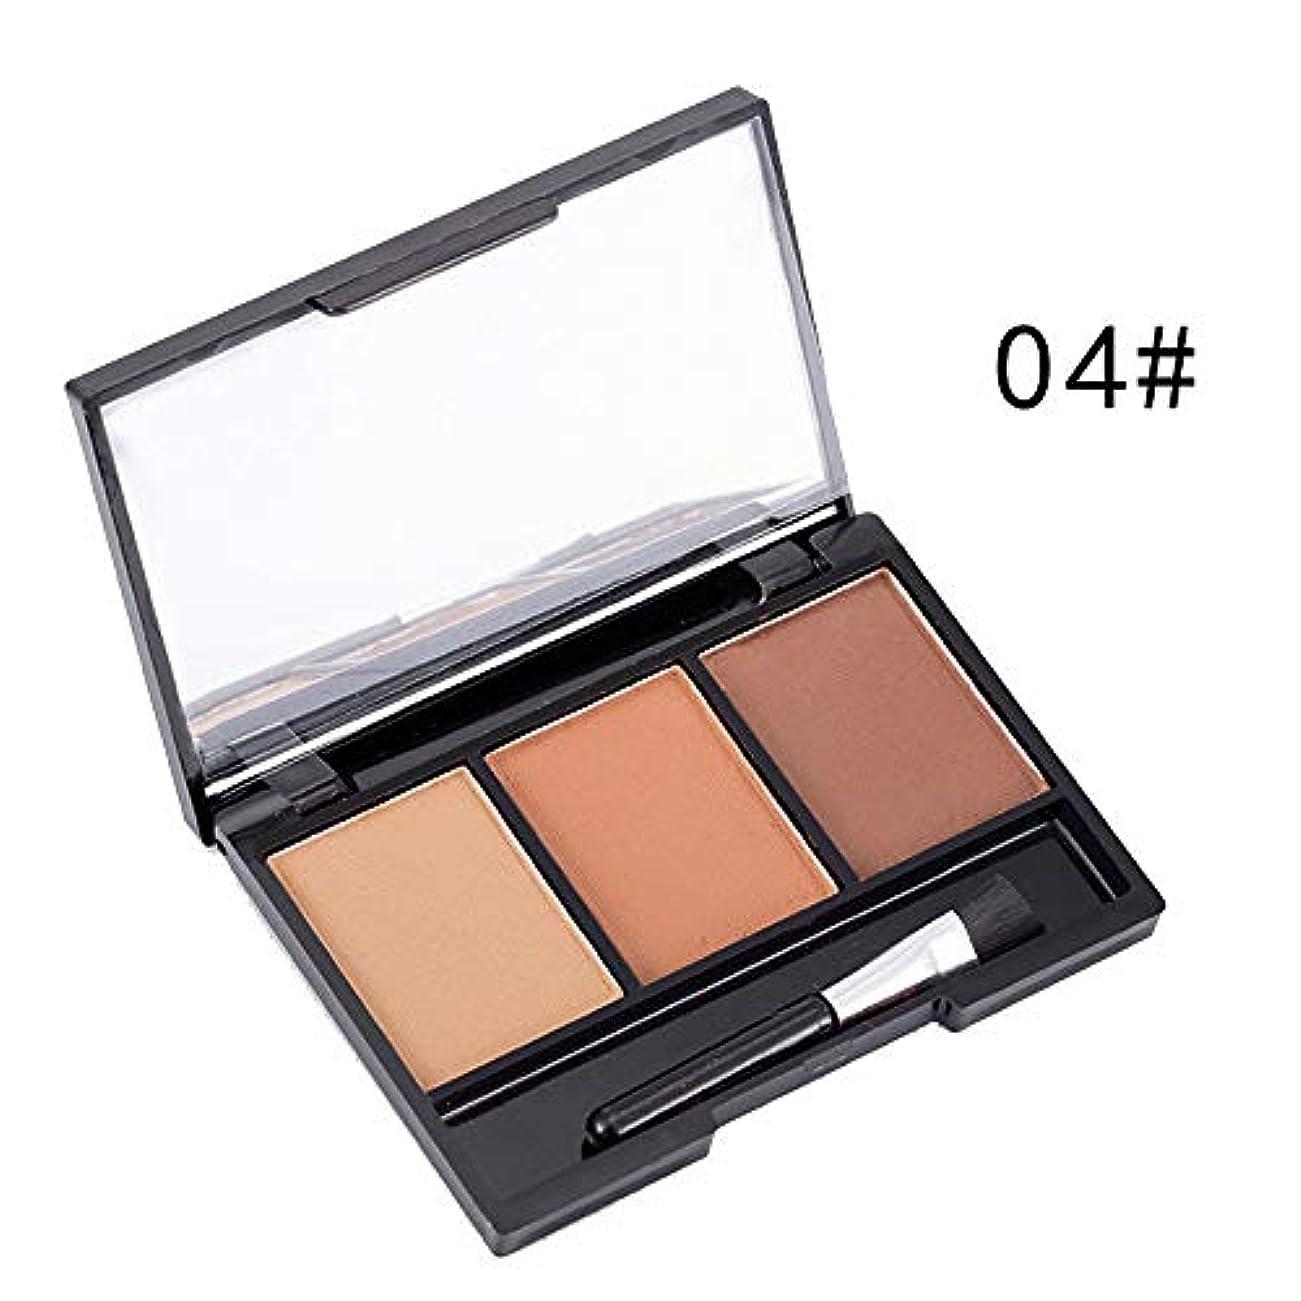 論争廃止シリンダーAkane パウダーアイブロウパレット SR MAKE UP 綺麗 人気 ファッション 魅力的 眉 自然 パウダーアイブロウ ぼかしない チャーム 防水 長持ち おしゃれ 持ち便利 Eye Shadow (3色) ES021